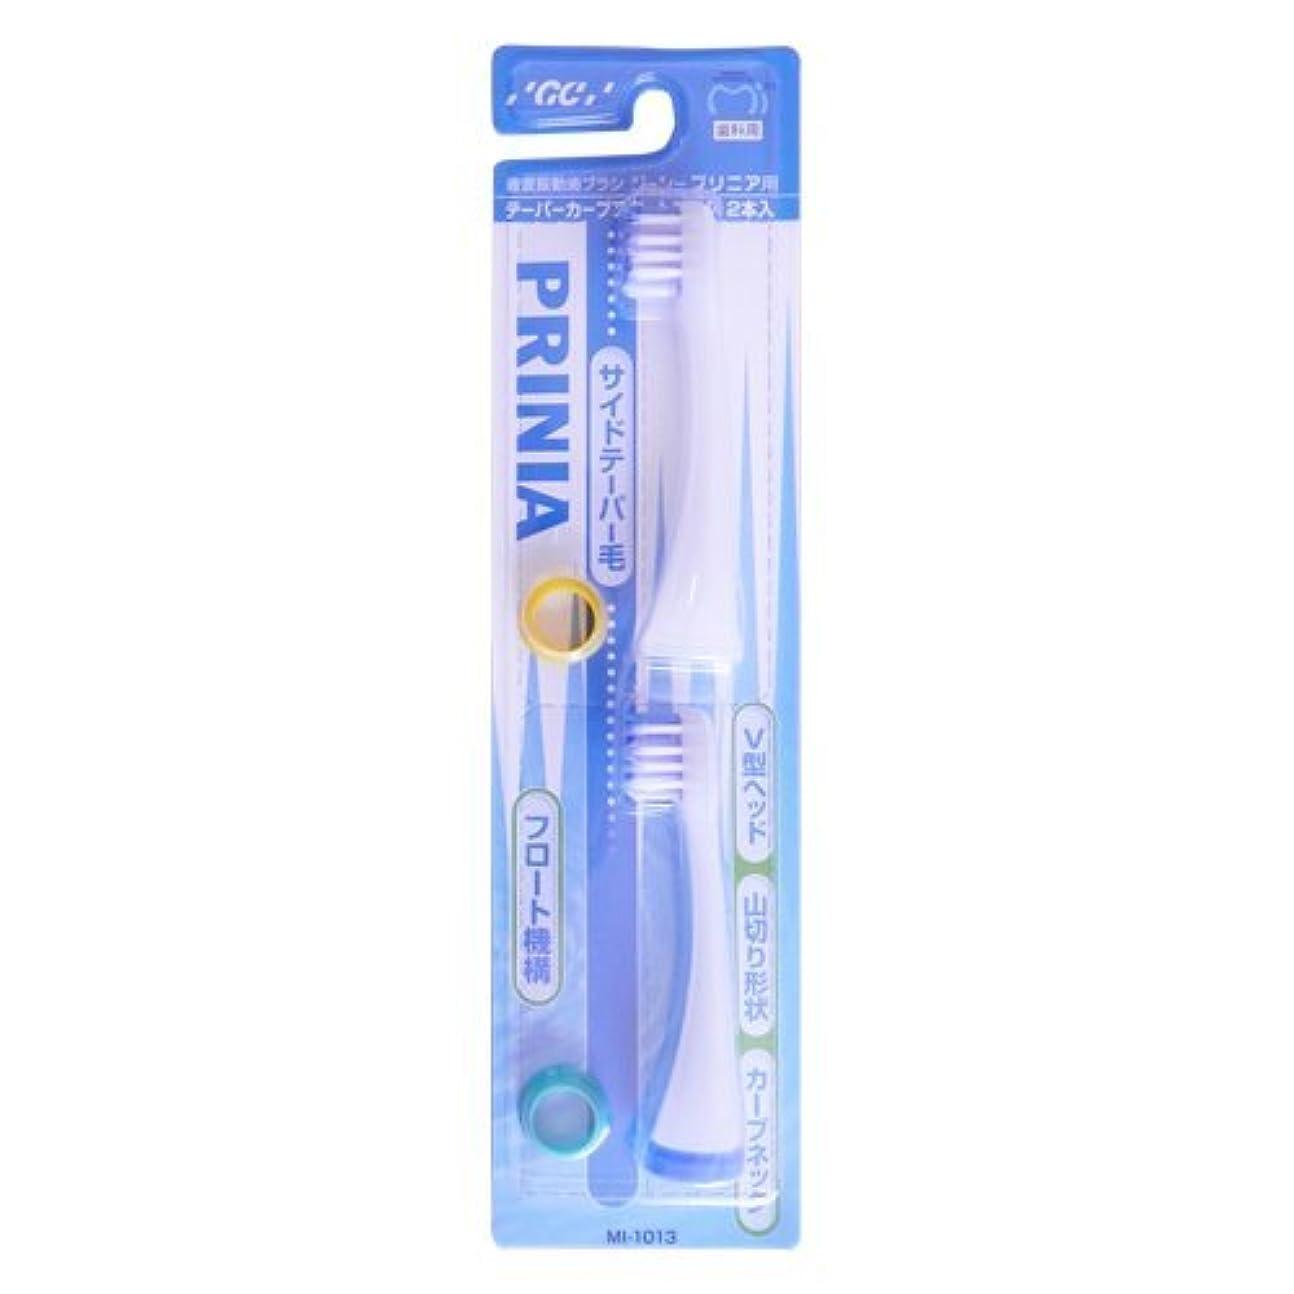 レインコート反逆どこかプリニア GC 音波振動 歯ブラシ プリニアスリム替えブラシ テーパーカーブフロートブラシ 10セット(20本) ブルー